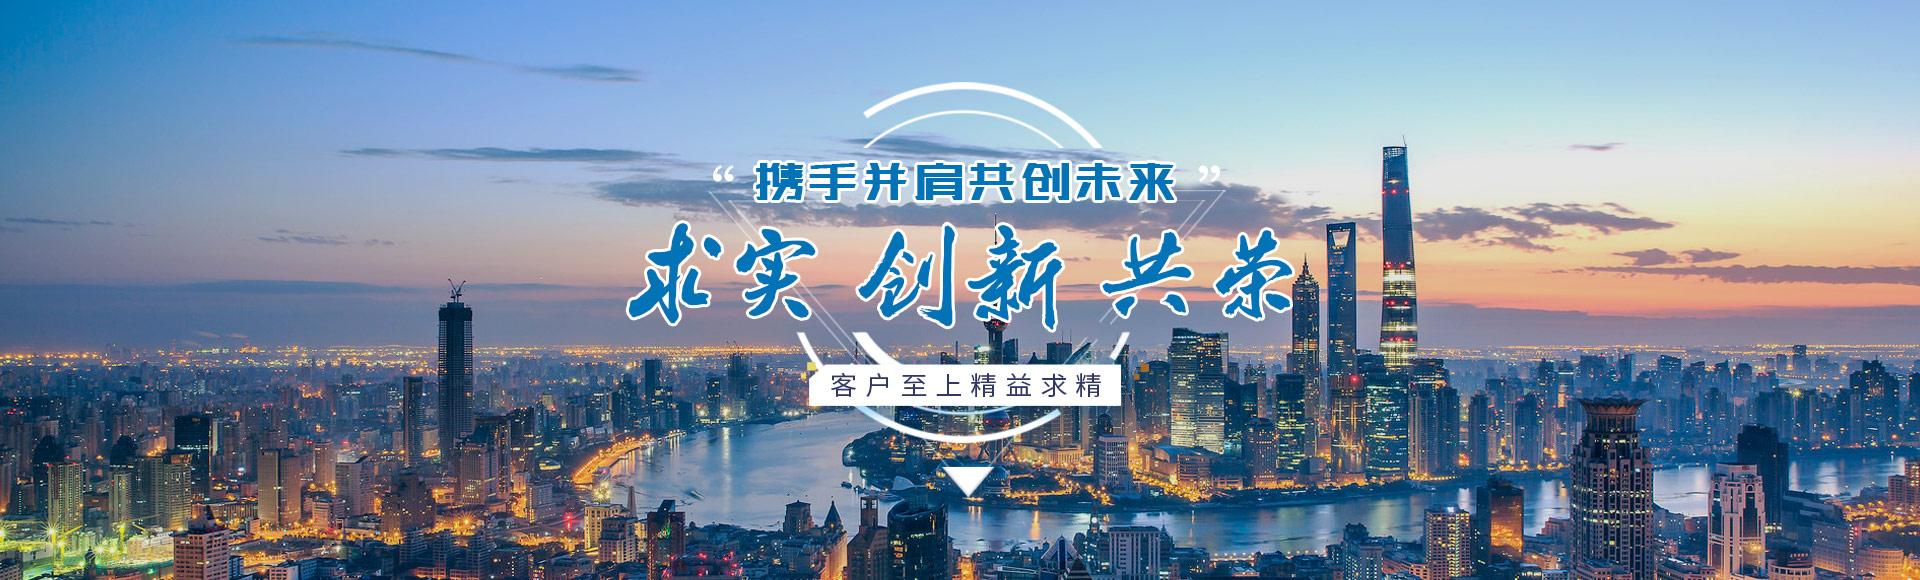 上海坚勇实业发展有限公司